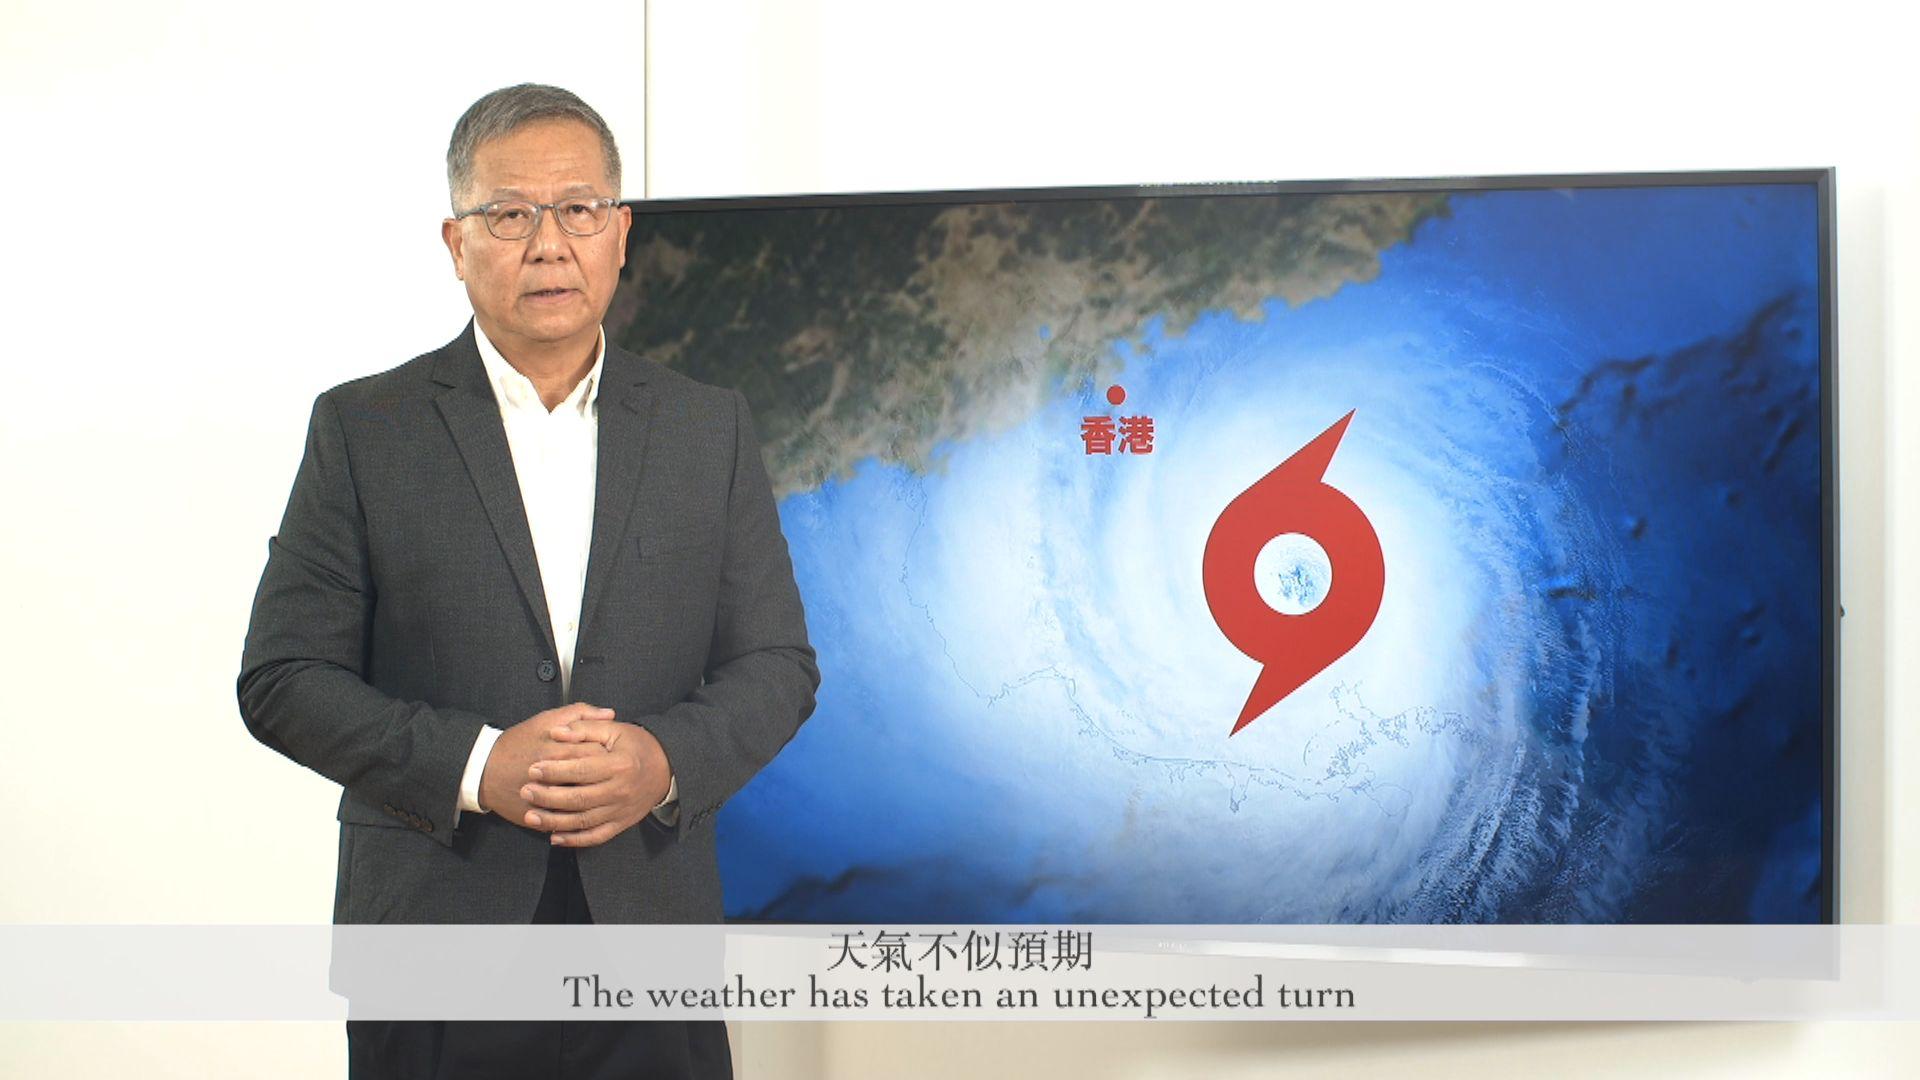 【力場啟動】李嘉誠基金會「應急錢」懶人包 上網八步完成申請